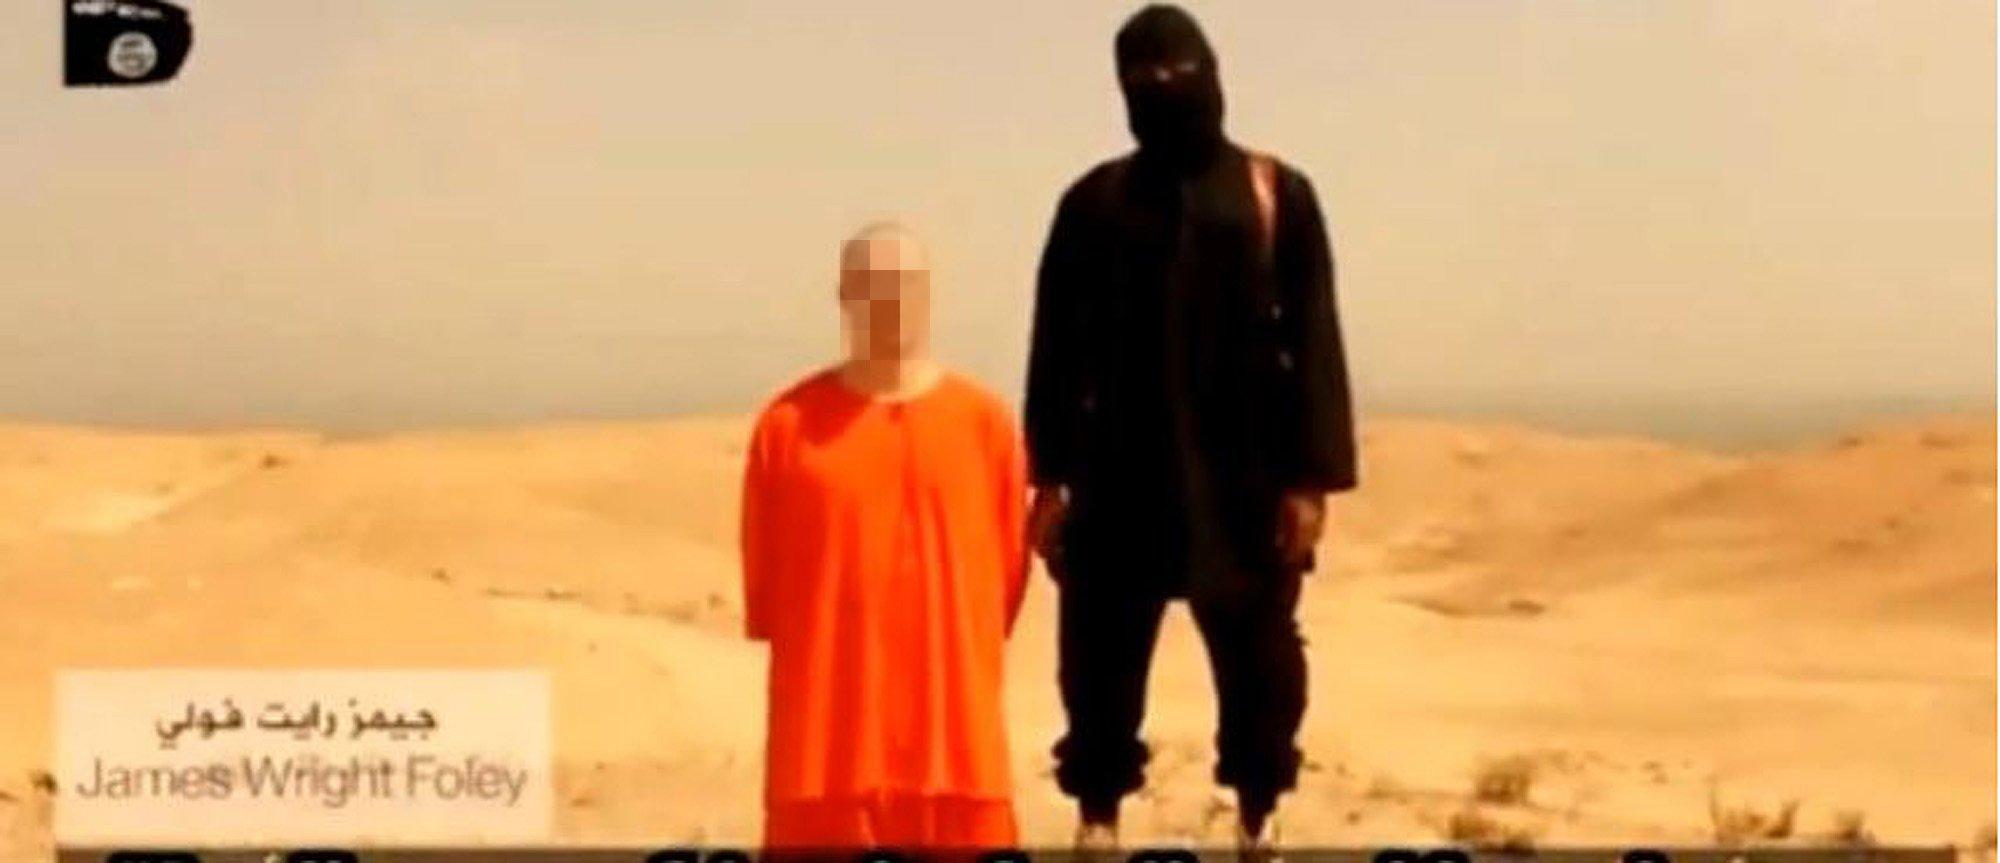 Screenshot eines Videos, das von der Terrormiliz Islamischer Staat (IS) aufgenommen worden sein soll und angeblich die Enthauptung des US-Fotografen James Foley zeigt. Der BloggerEliot Higgins konnte durch Auswertung des Bildhintergrundes und der Kombination mit Daten von Google Earth, Twitter undPanoramio herausfinden, wo die Hinrichtung stattgefunden hat.